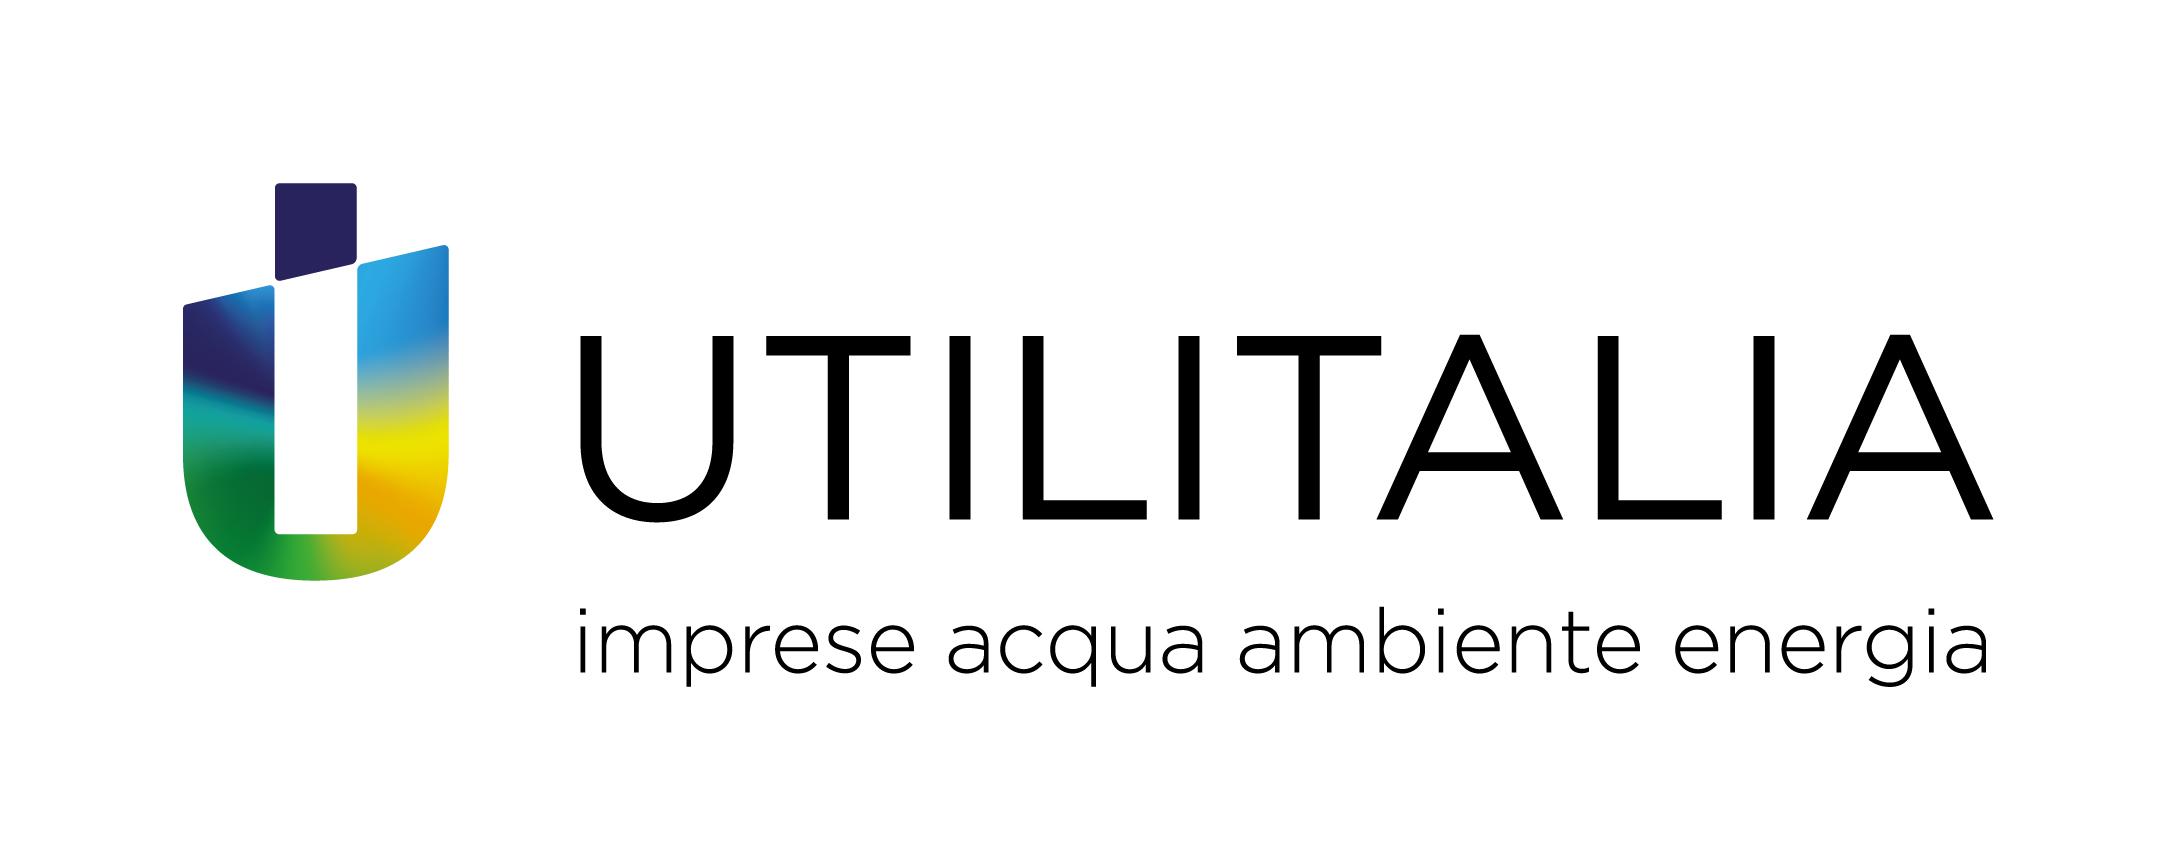 20150714_ml_utilitalia_spec_texture_11